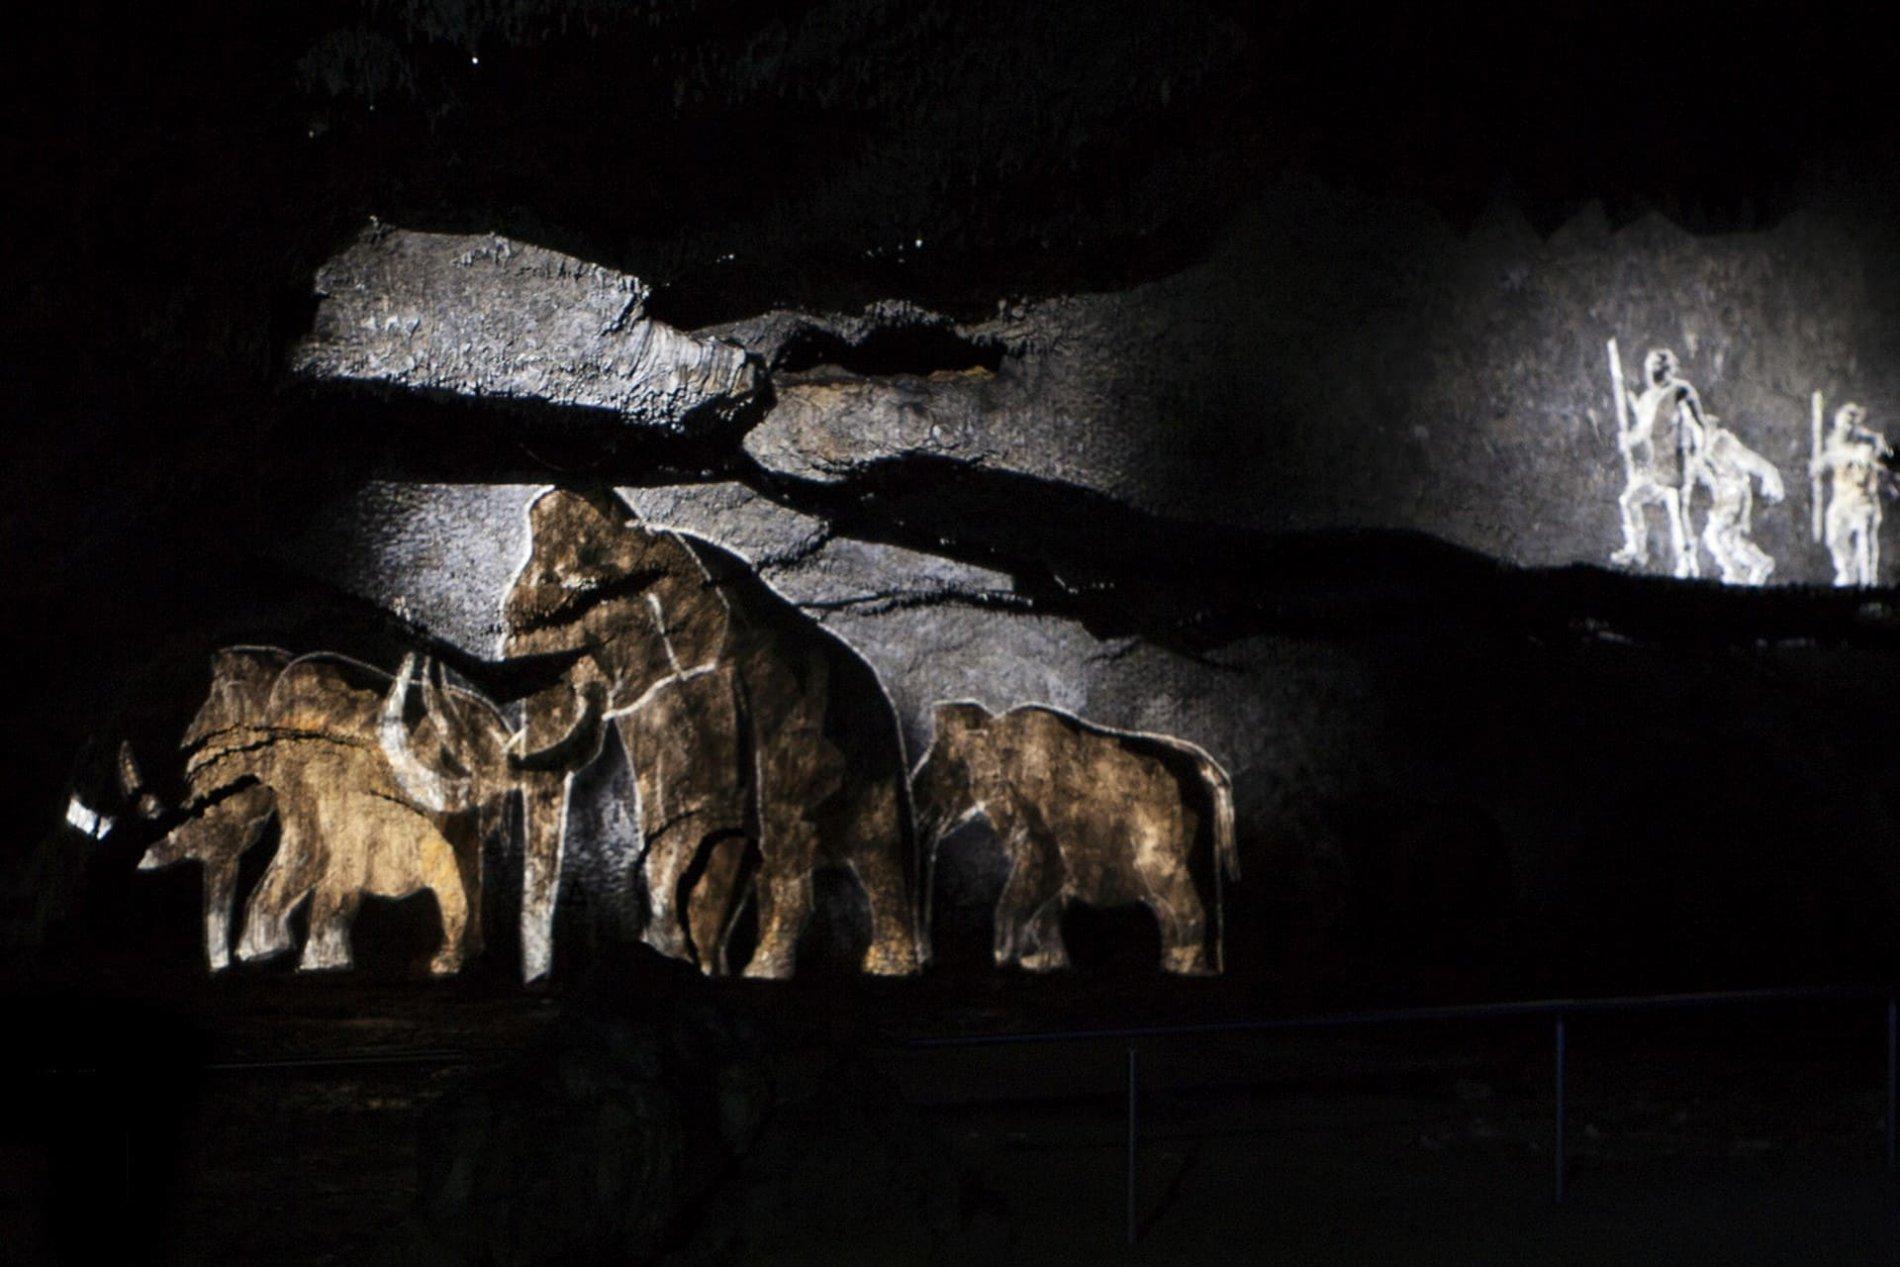 Projektion in der Tropfsteinhöhle Schulerloch in Essing